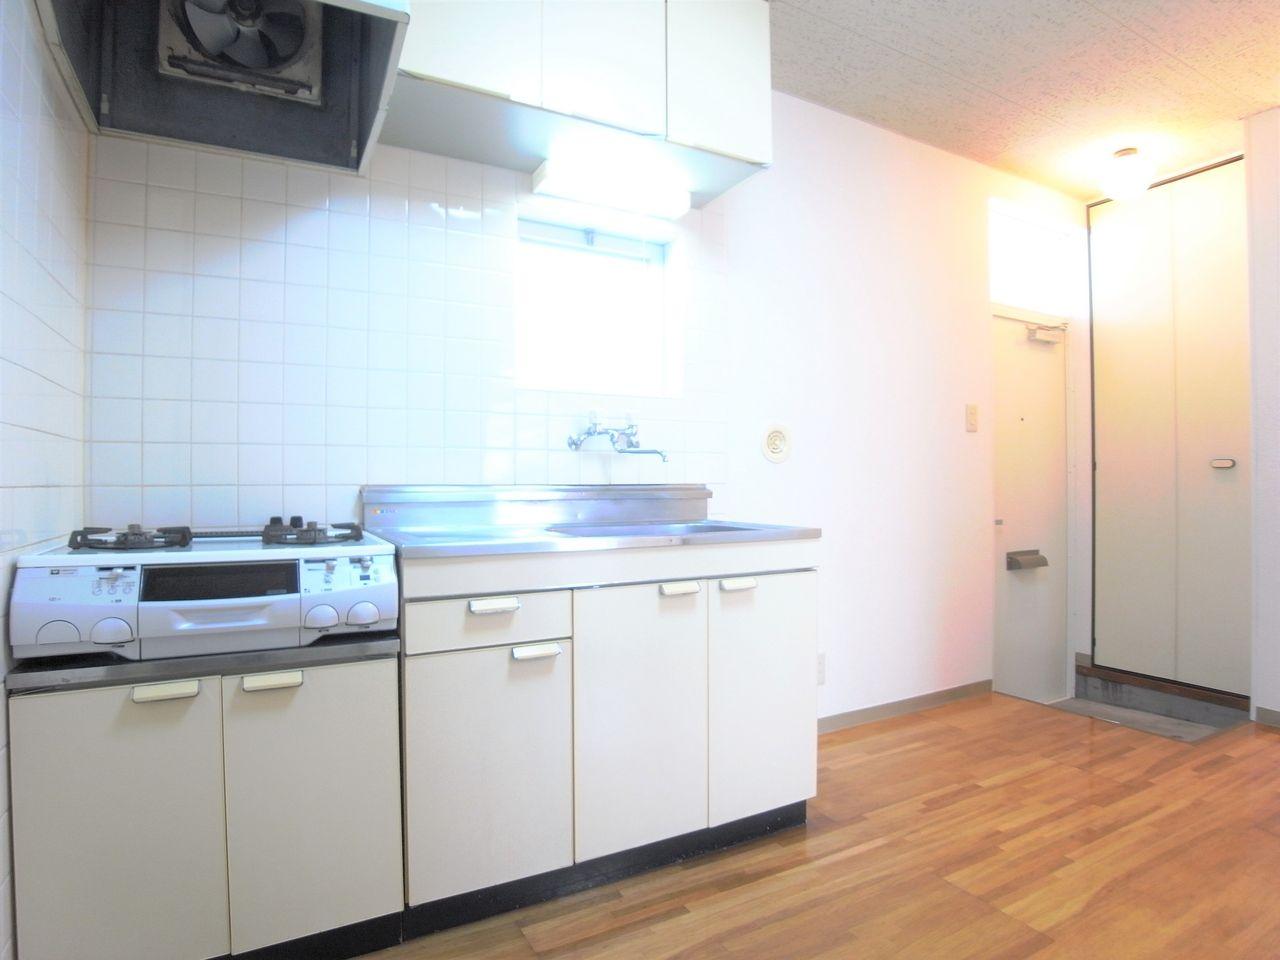 右側が冷蔵庫設置スペースです